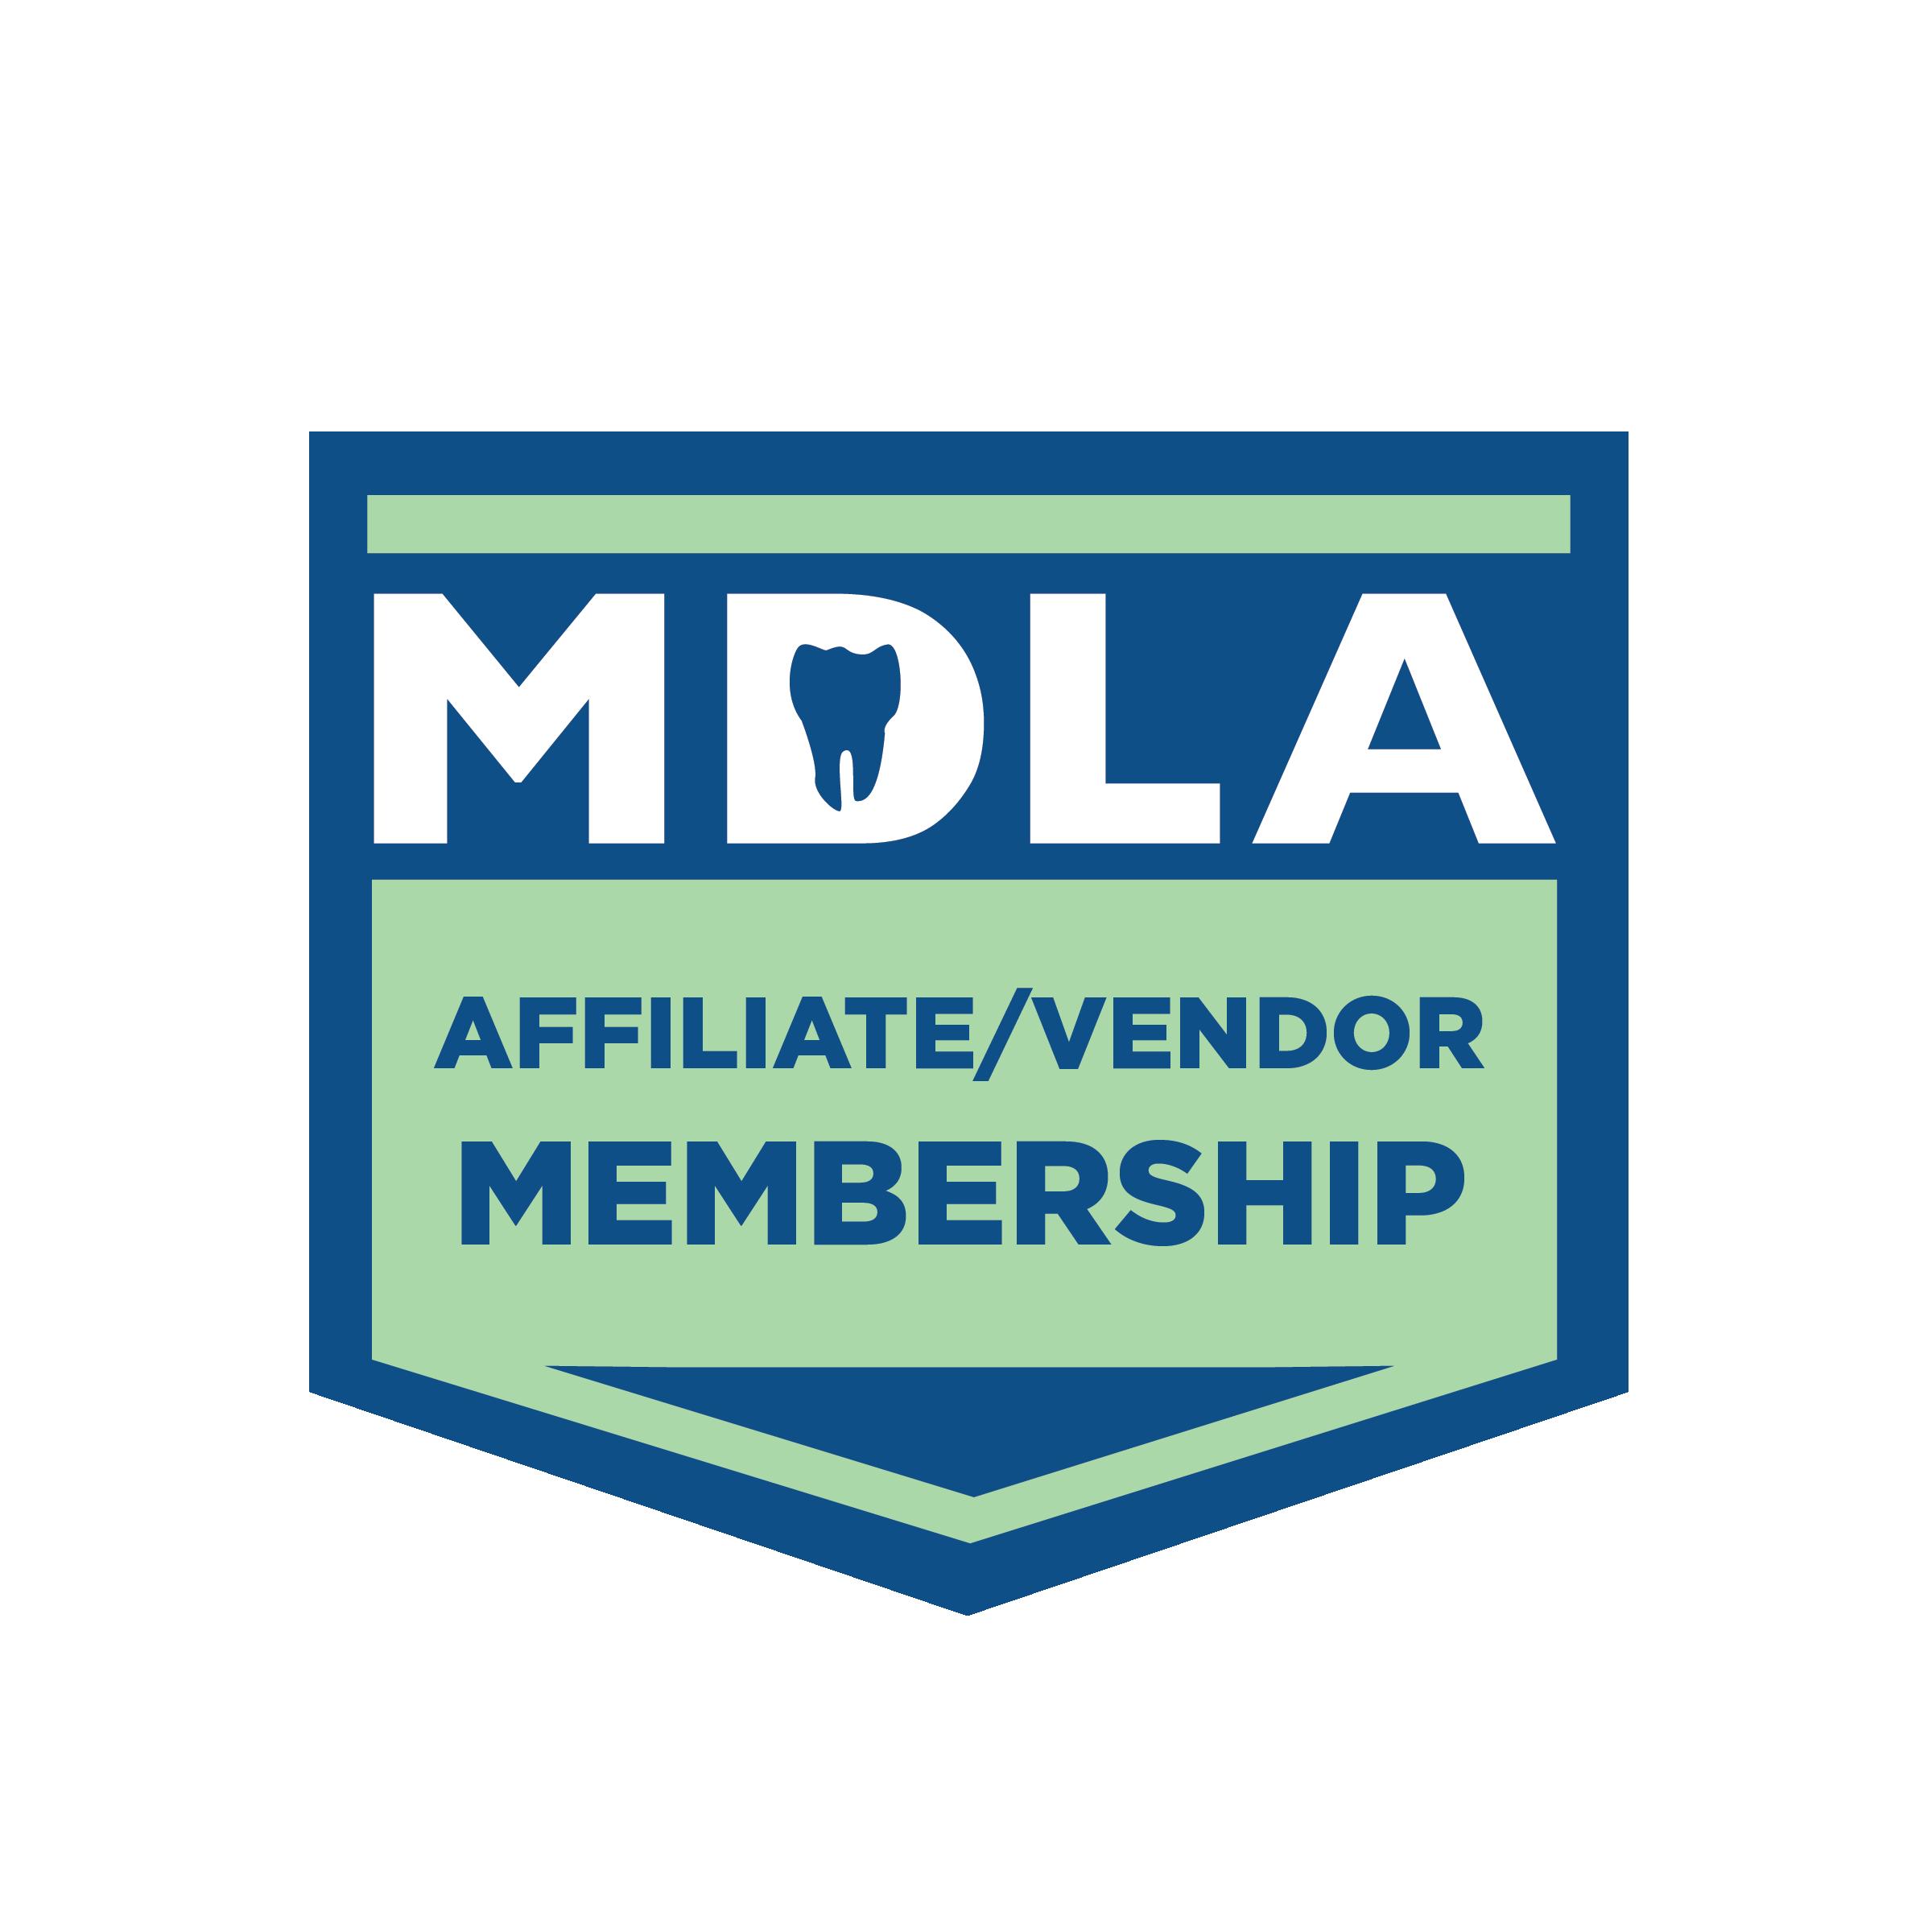 MDLA-Logo-affiliate-vendor-01.png